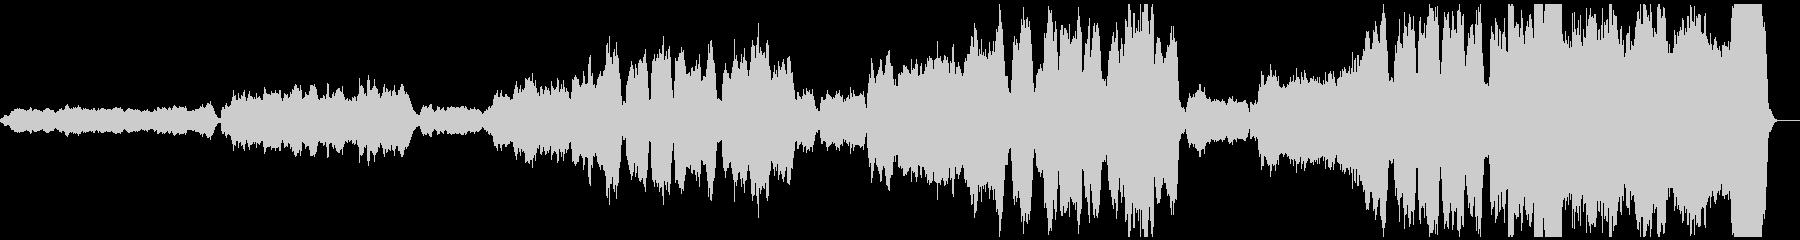 パイプオルガンで弾くホルストのジュピターの未再生の波形